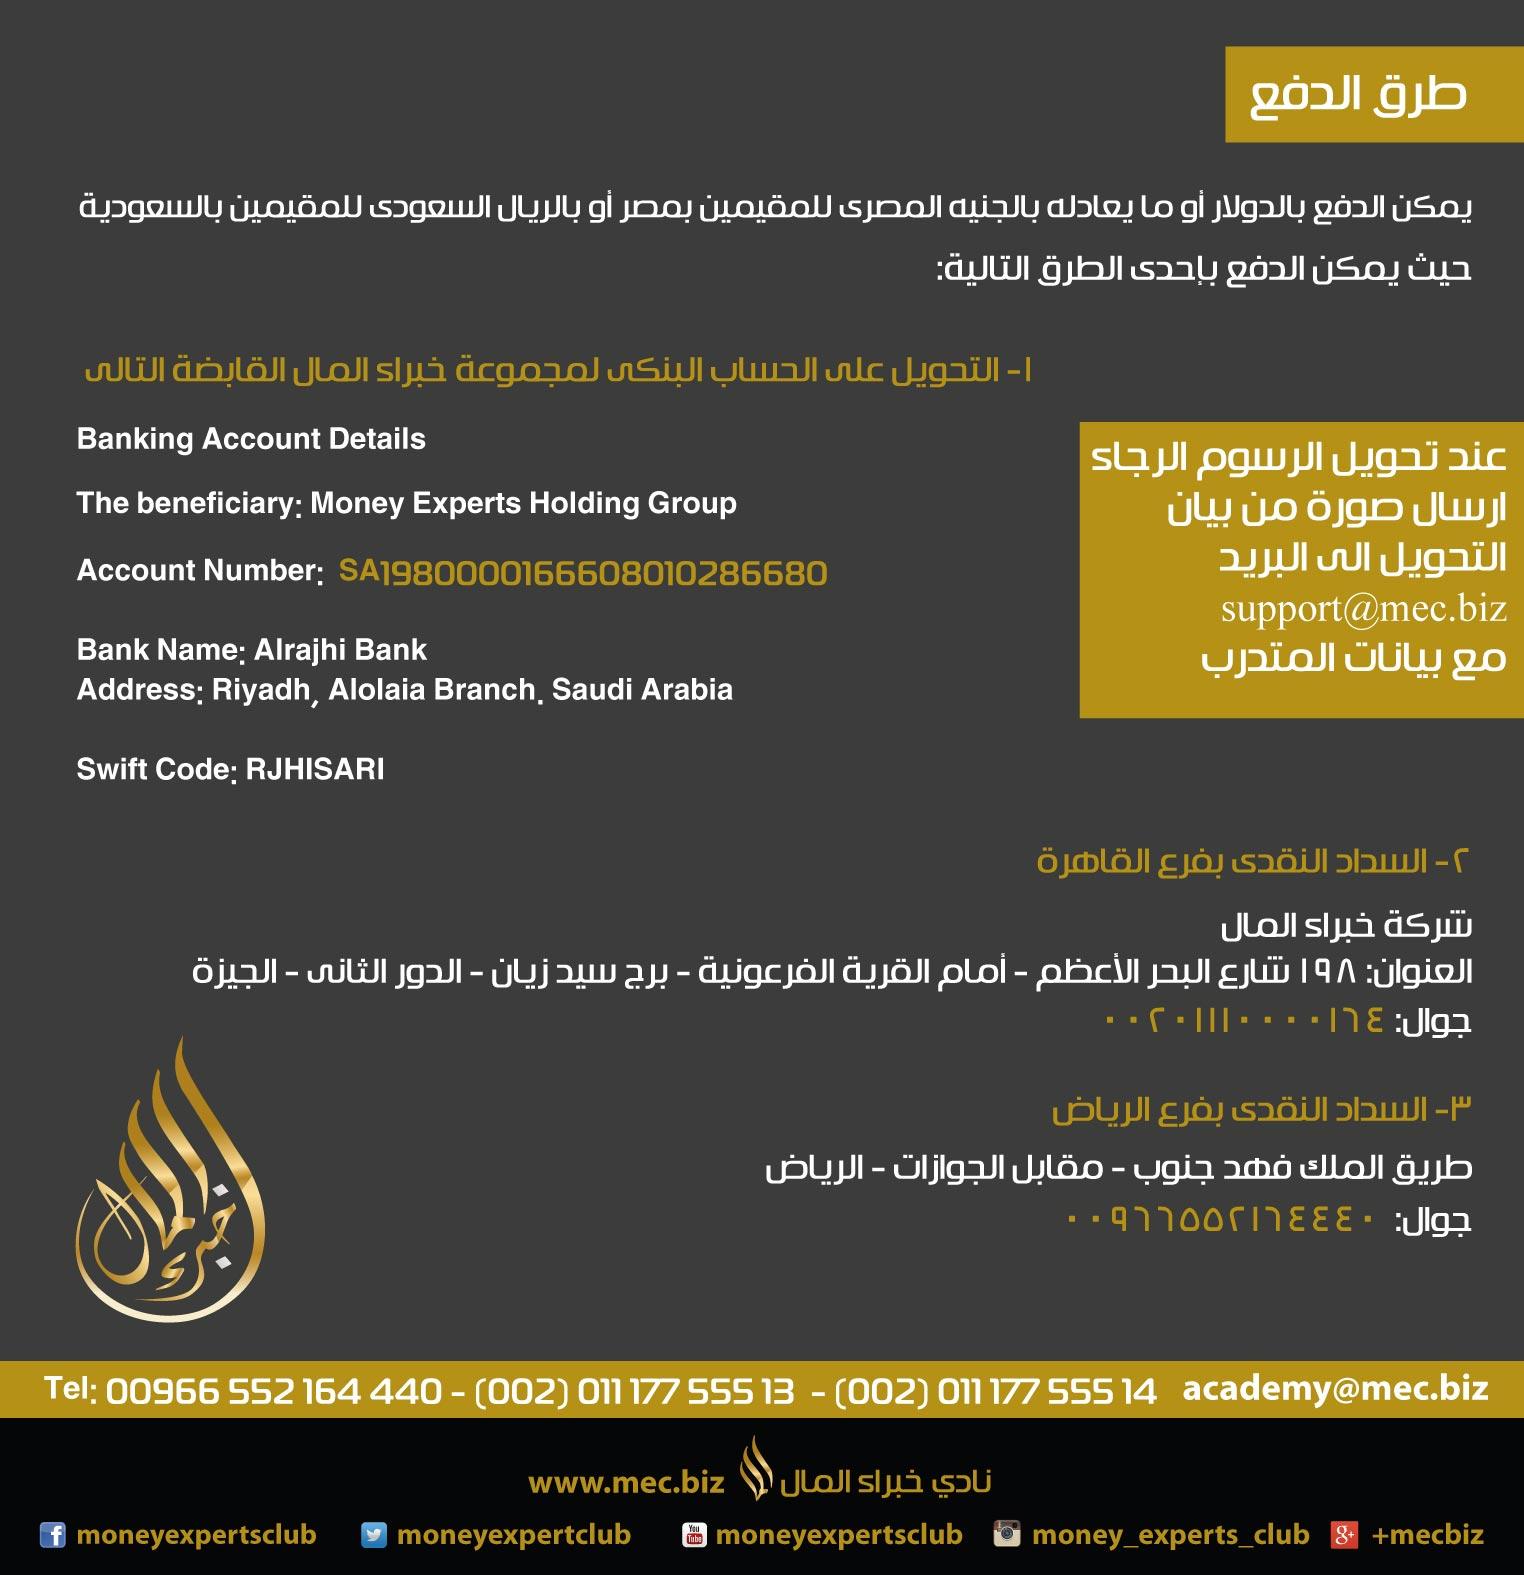 دورة أسرار التداول الحي في بورصة العملات العالمية║۩║ أ/ أحمد عبد الحميد ║۩║ نادي خبراء المال